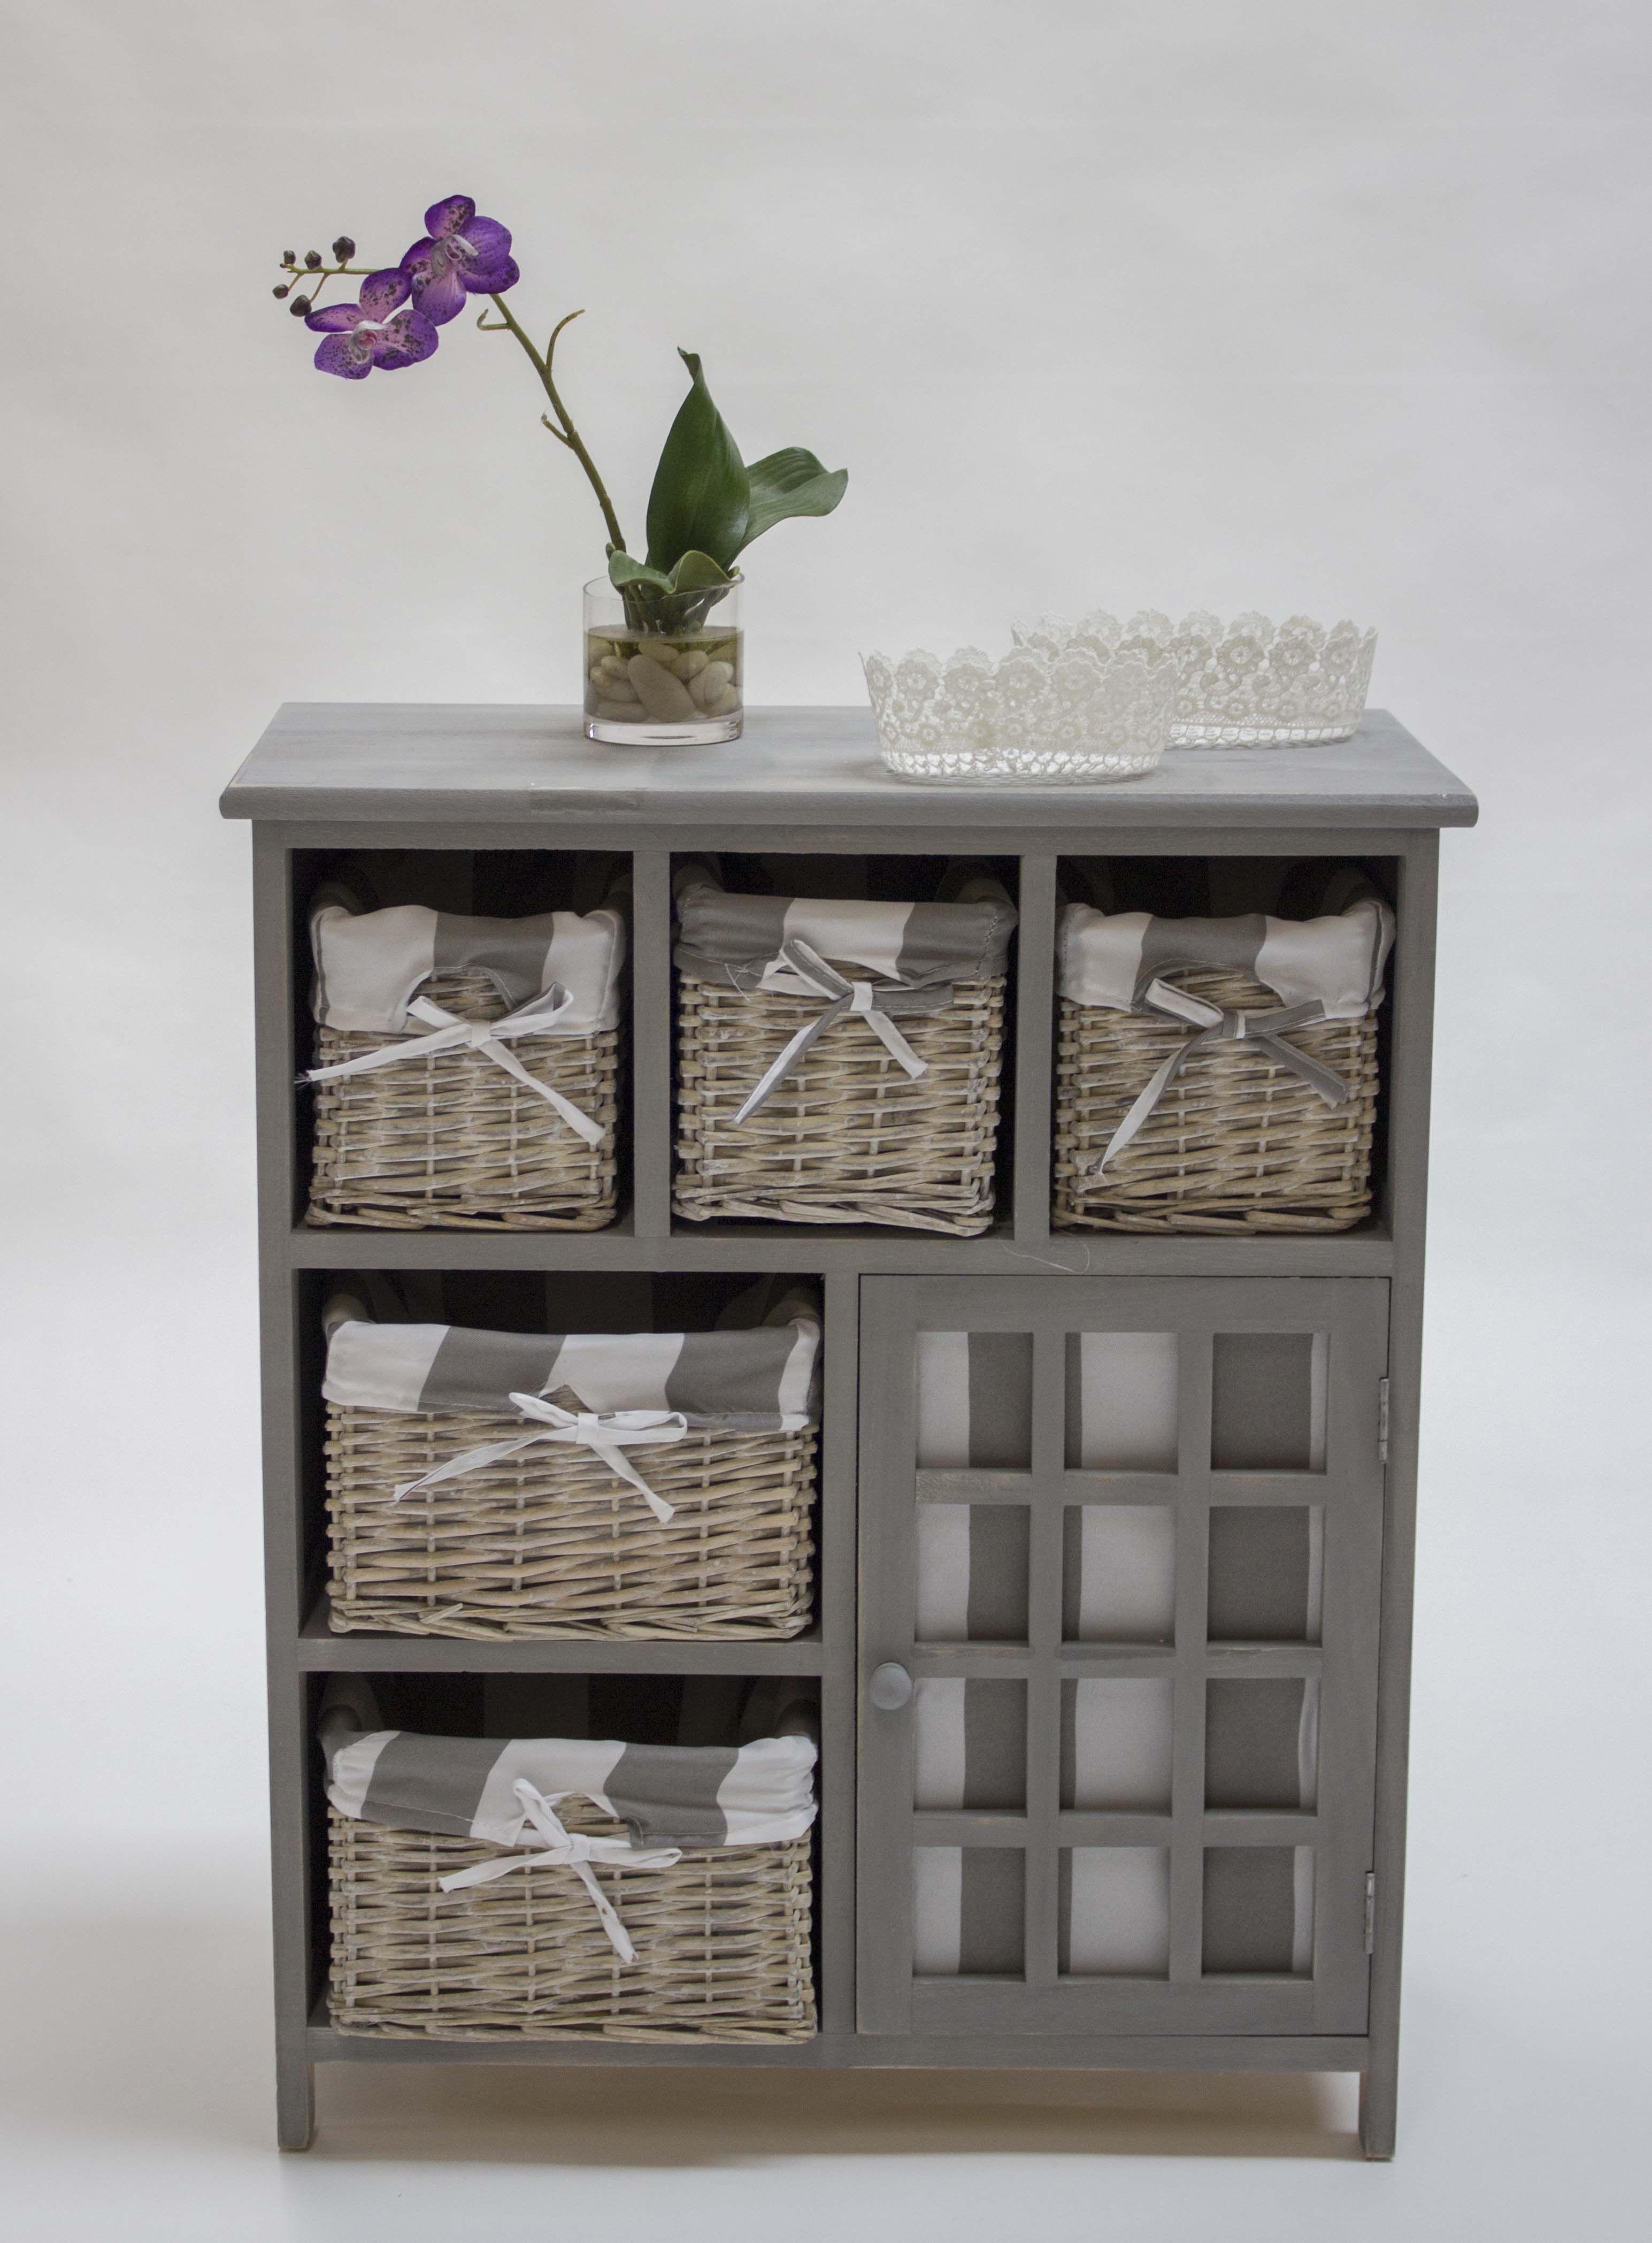 Muebles para decorar cool dormitorio matrimonial pequecbo for Muebles para decorar